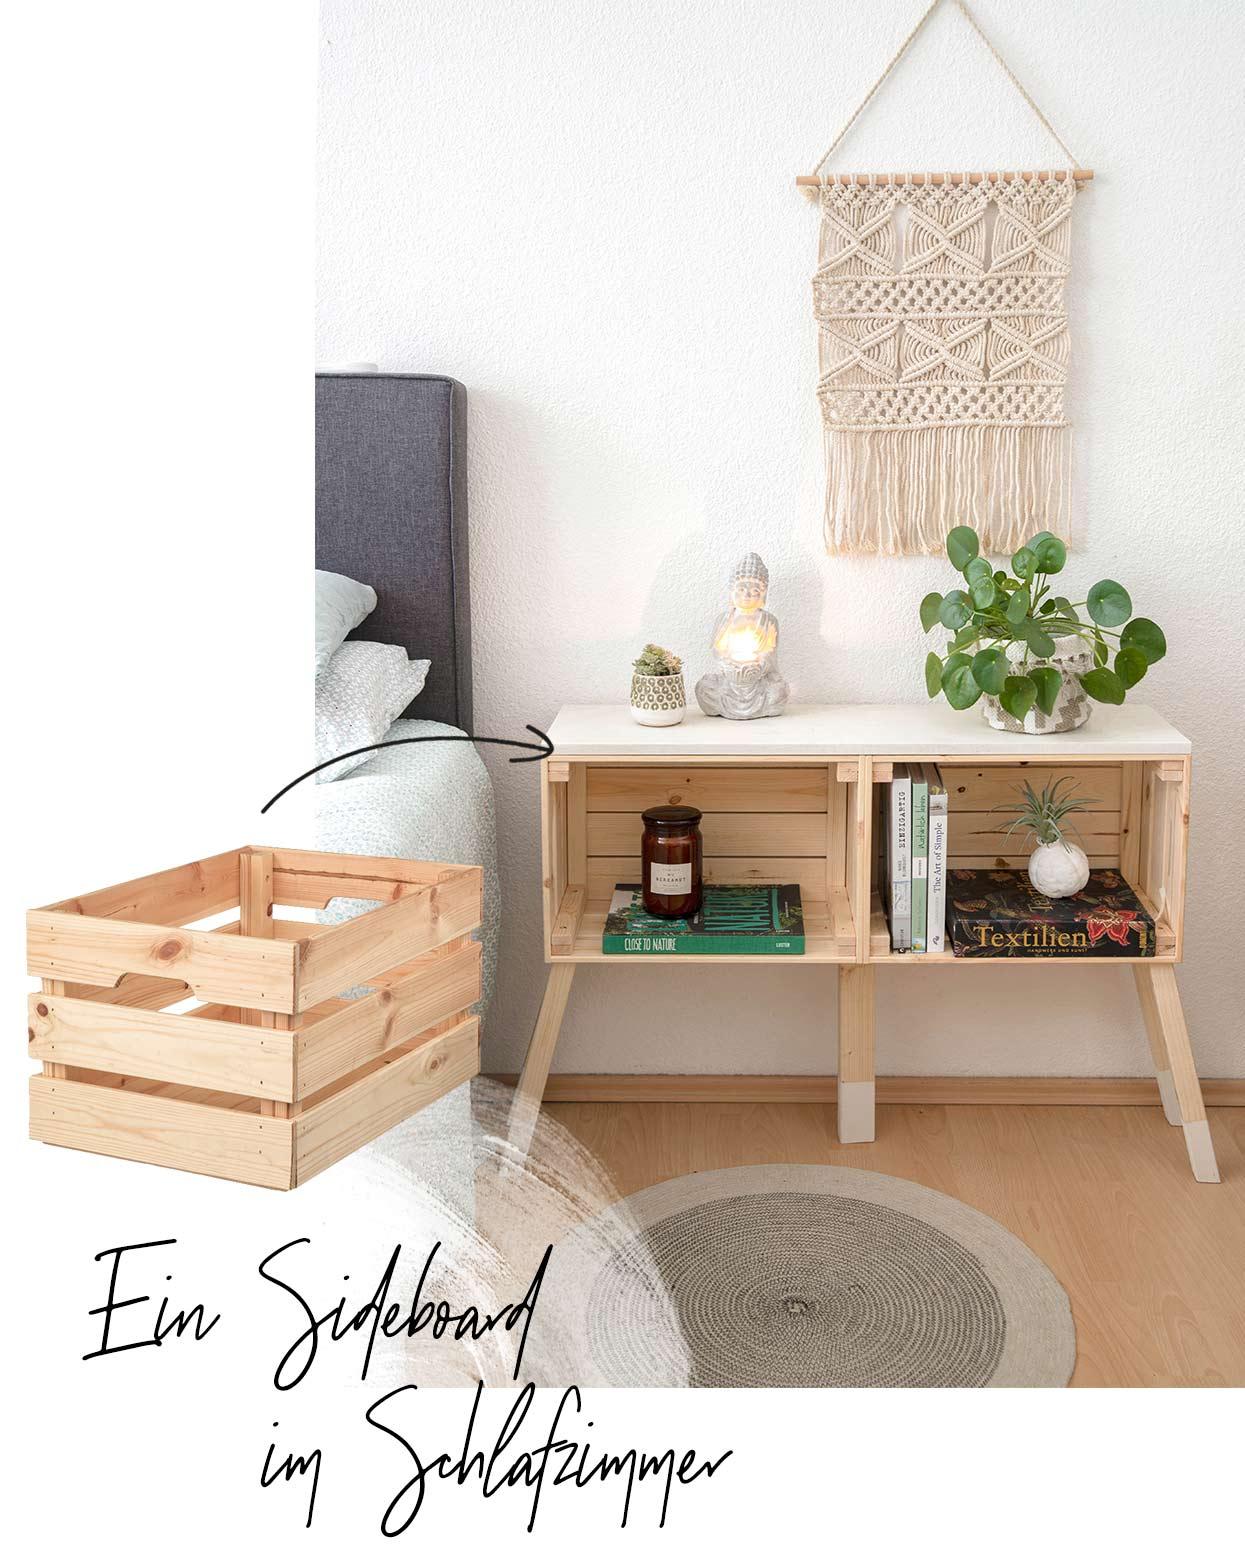 Full Size of Deko Sideboard Mit Ikea Kisten Selber Bauen Wohnklamotte Küche Arbeitsplatte Schlafzimmer Für Wohnzimmer Badezimmer Wanddeko Dekoration Wohnzimmer Deko Sideboard